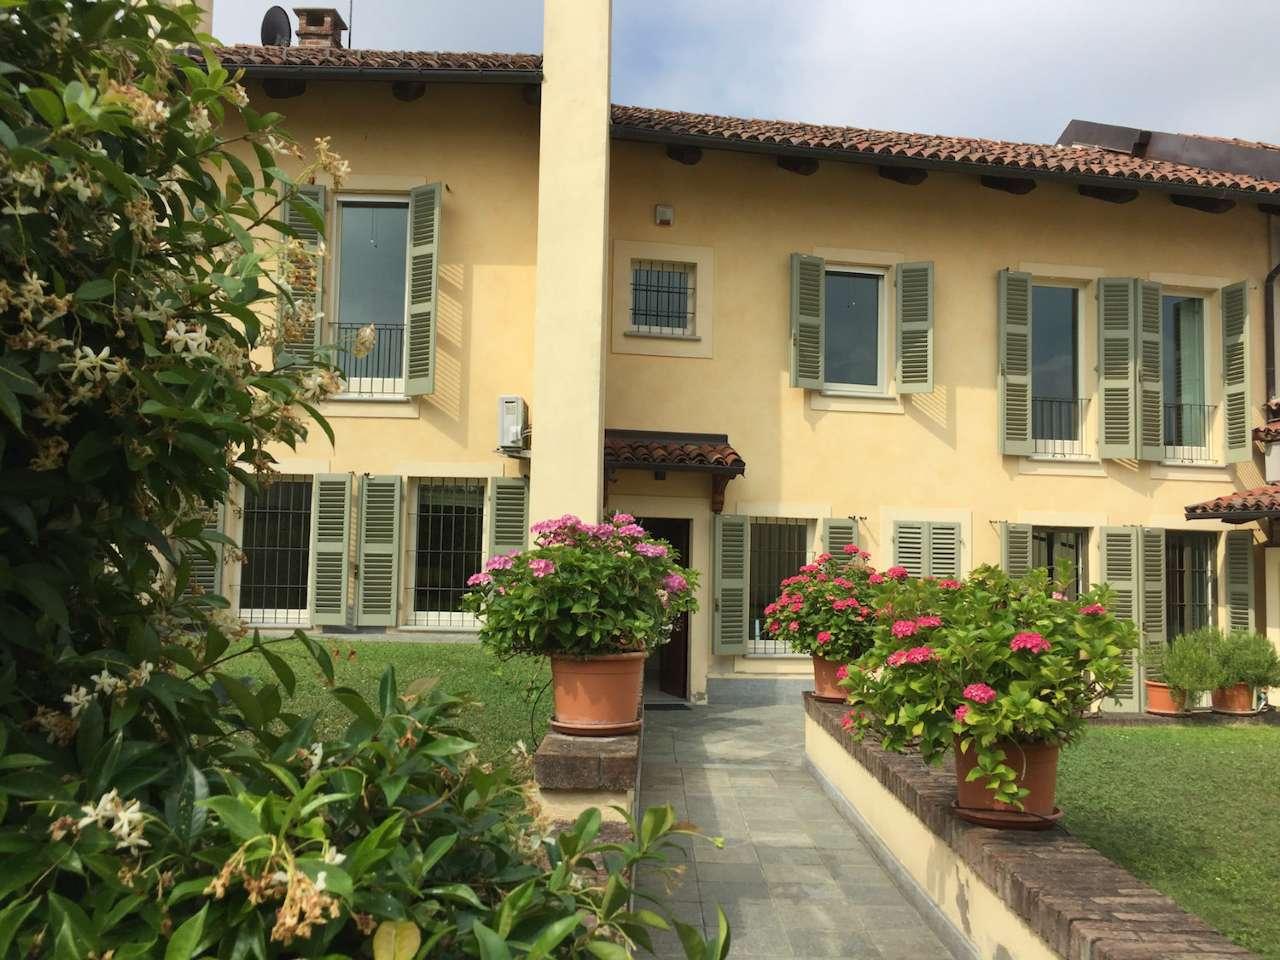 Soluzione Indipendente in vendita a Chieri, 10 locali, prezzo € 750.000 | Cambio Casa.it